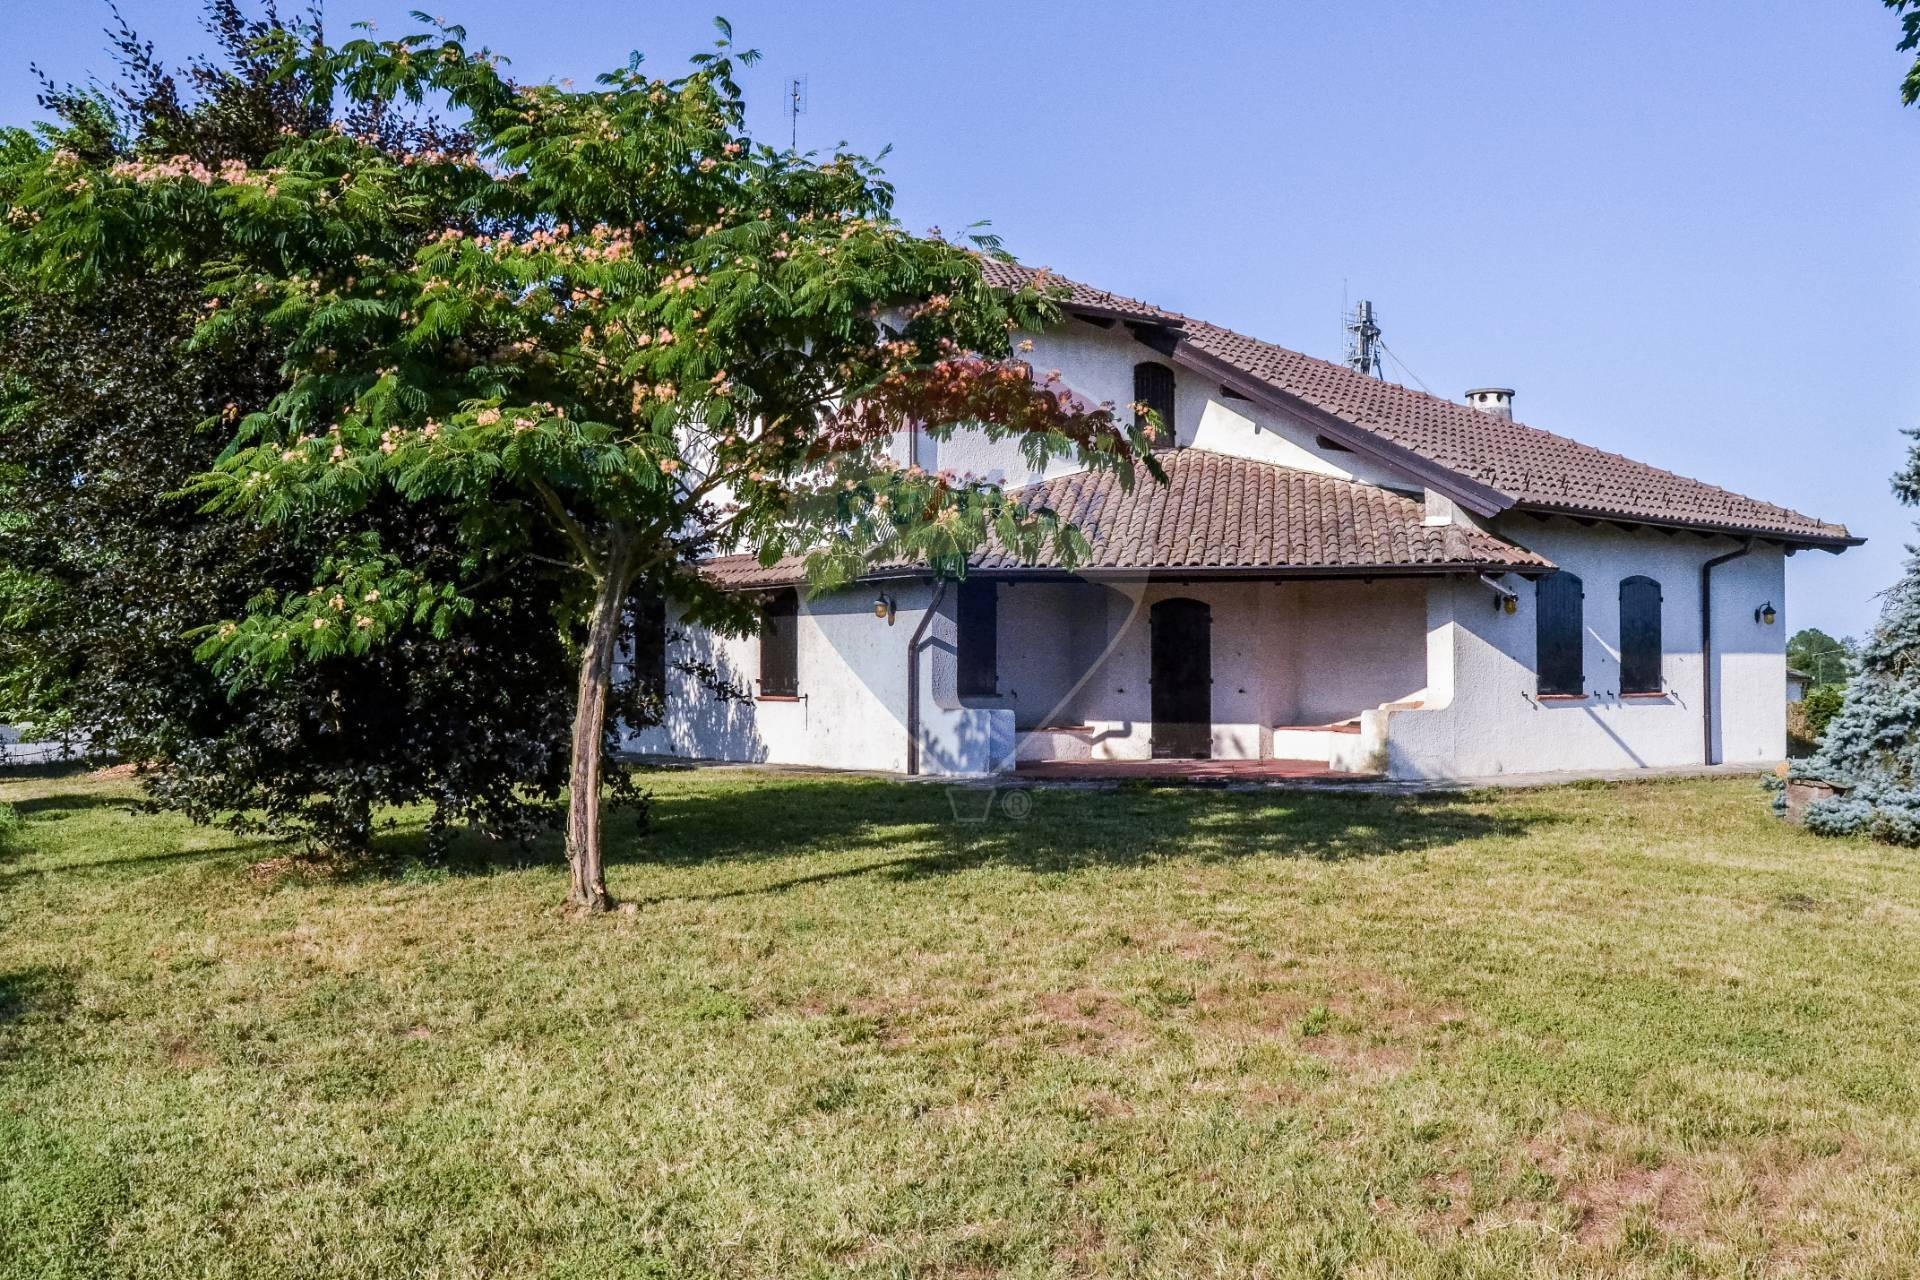 Villa in vendita a Oviglio, 6 locali, prezzo € 330.000 | CambioCasa.it